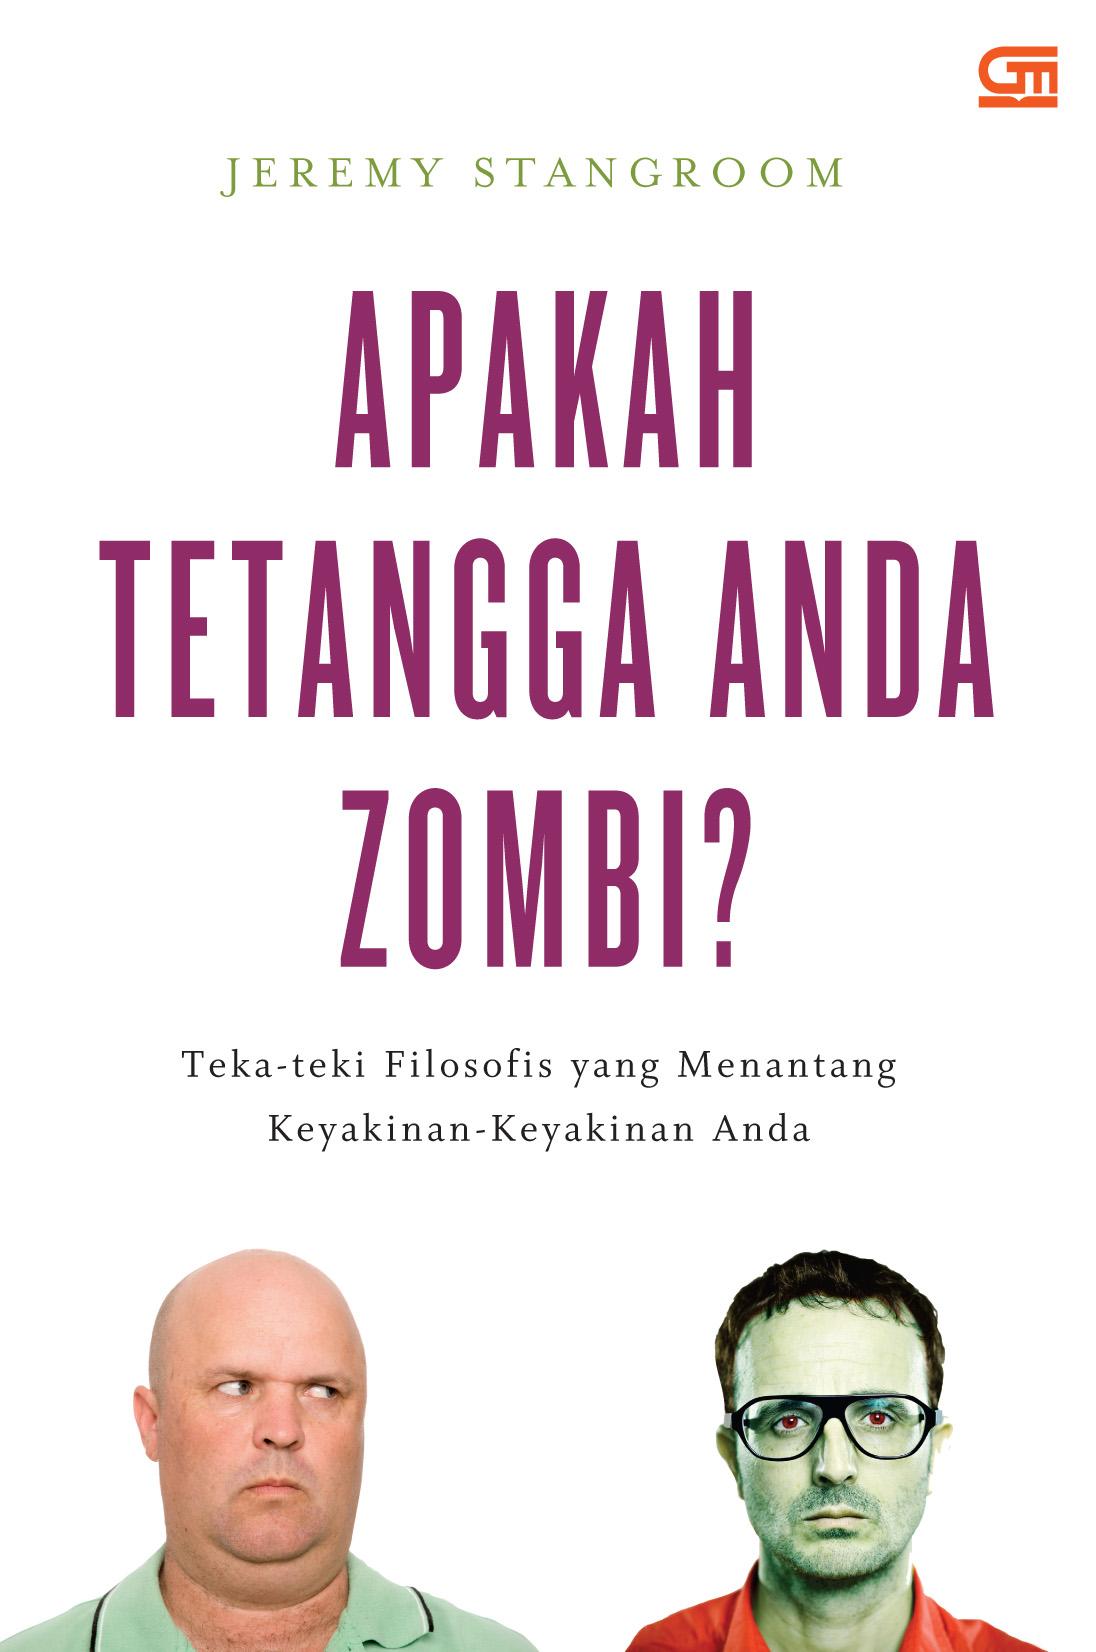 Apakah Tetangga Anda Zombie: Teka-Teki Filosofis Menarik yang Menantang Keyakinan-Keyakinan Anda